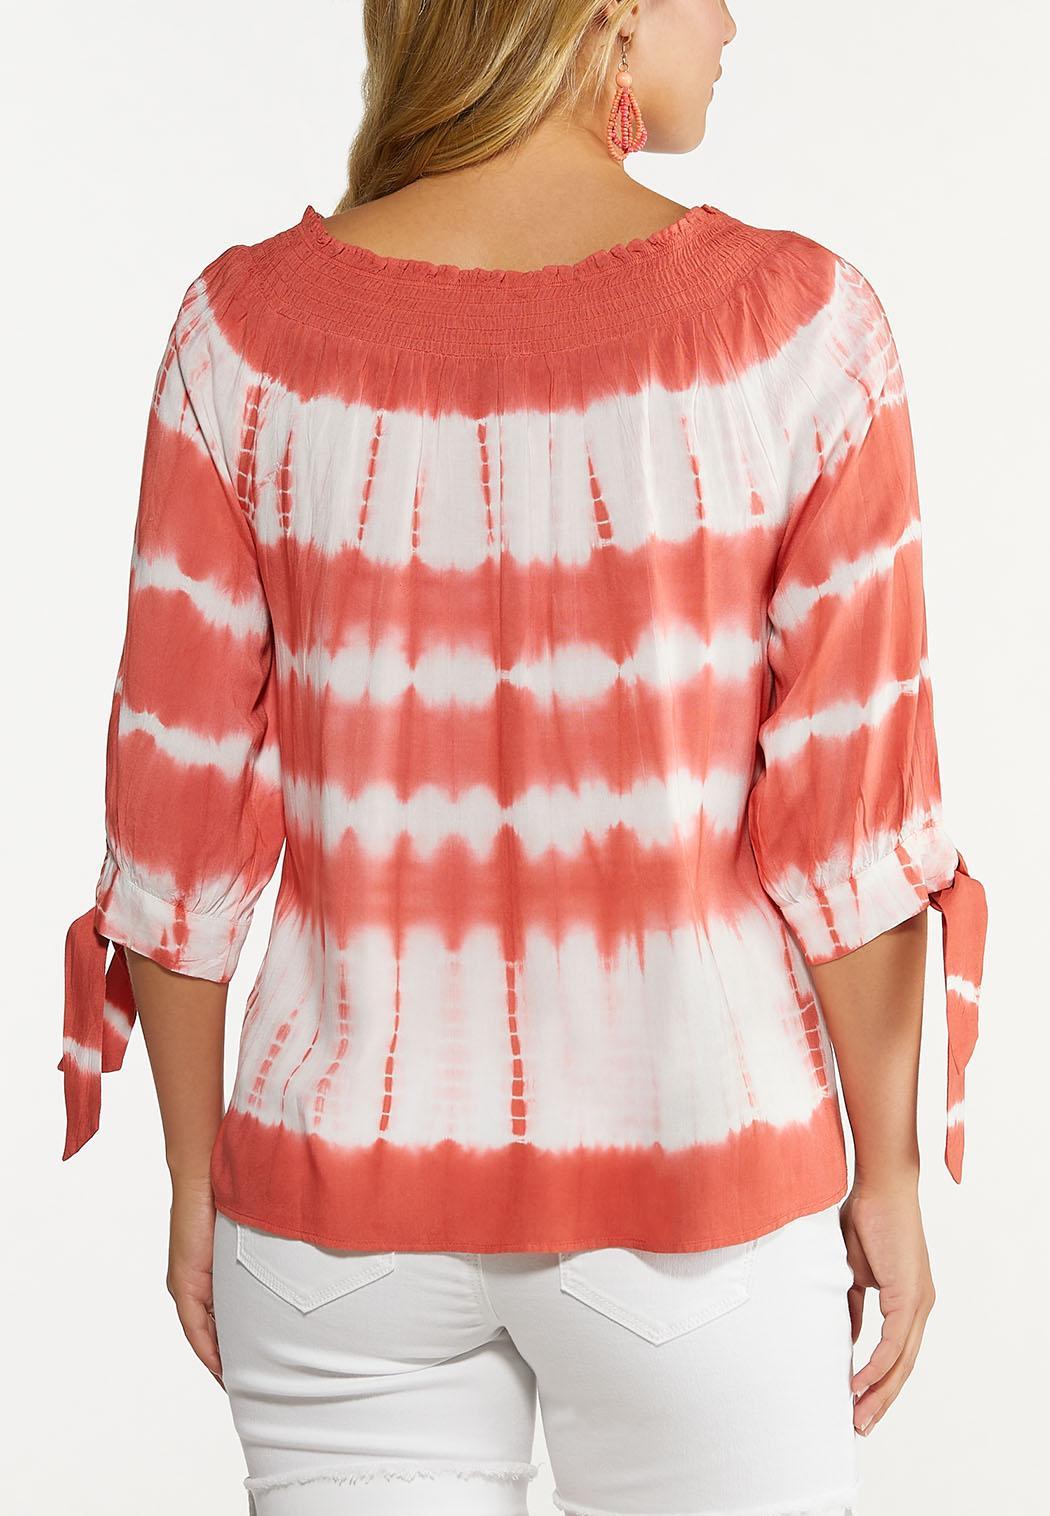 Plus Size Coral Tie Dye Poet Top (Item #44640930)